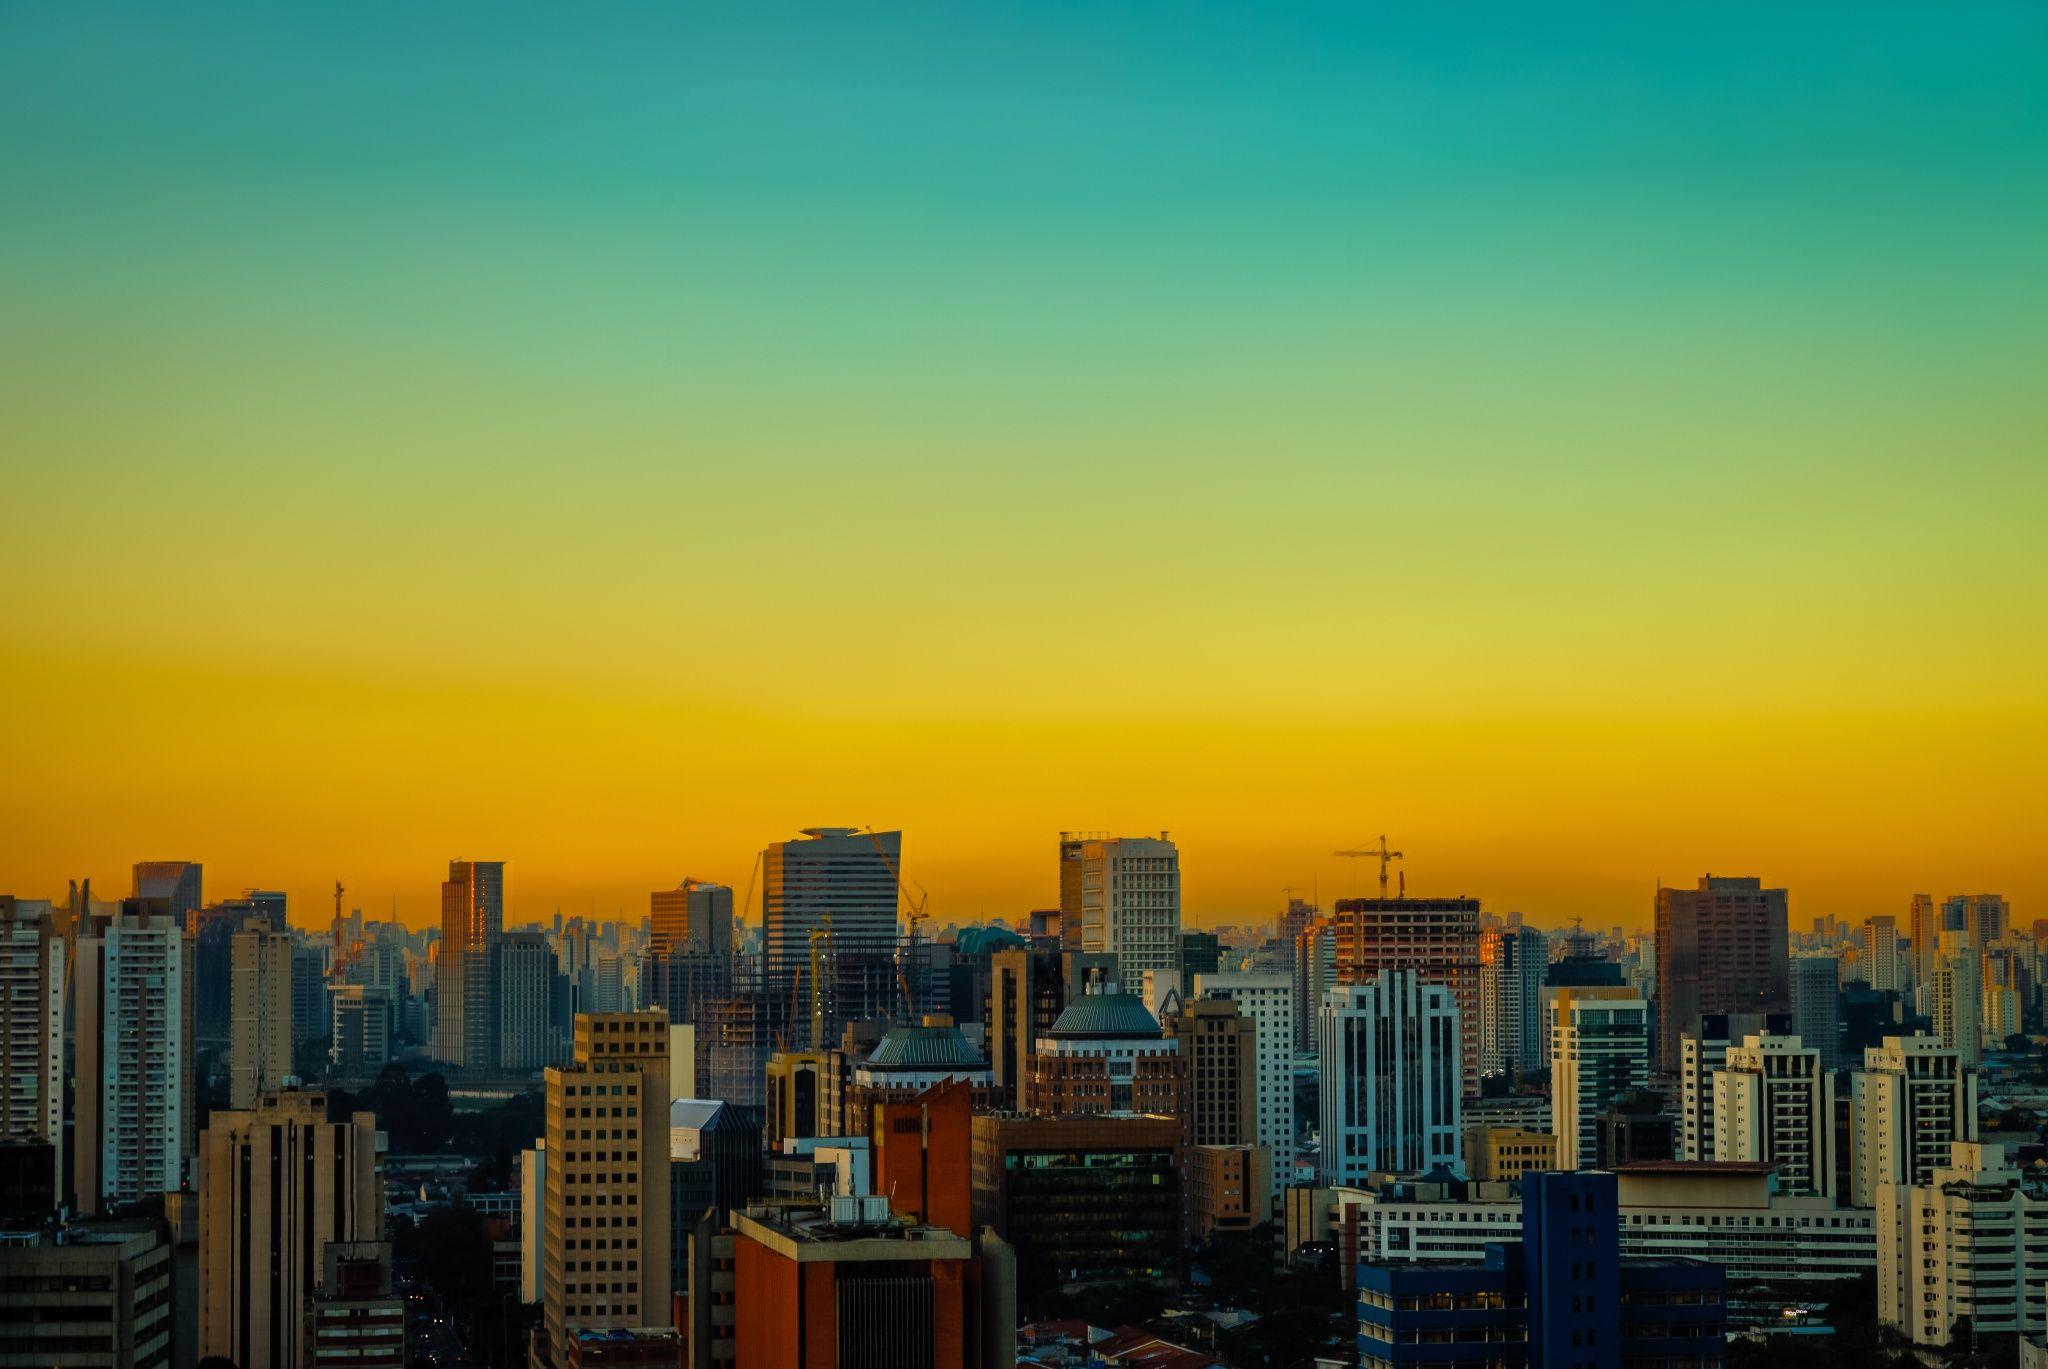 Sunset by Mauro Woiski on 500px